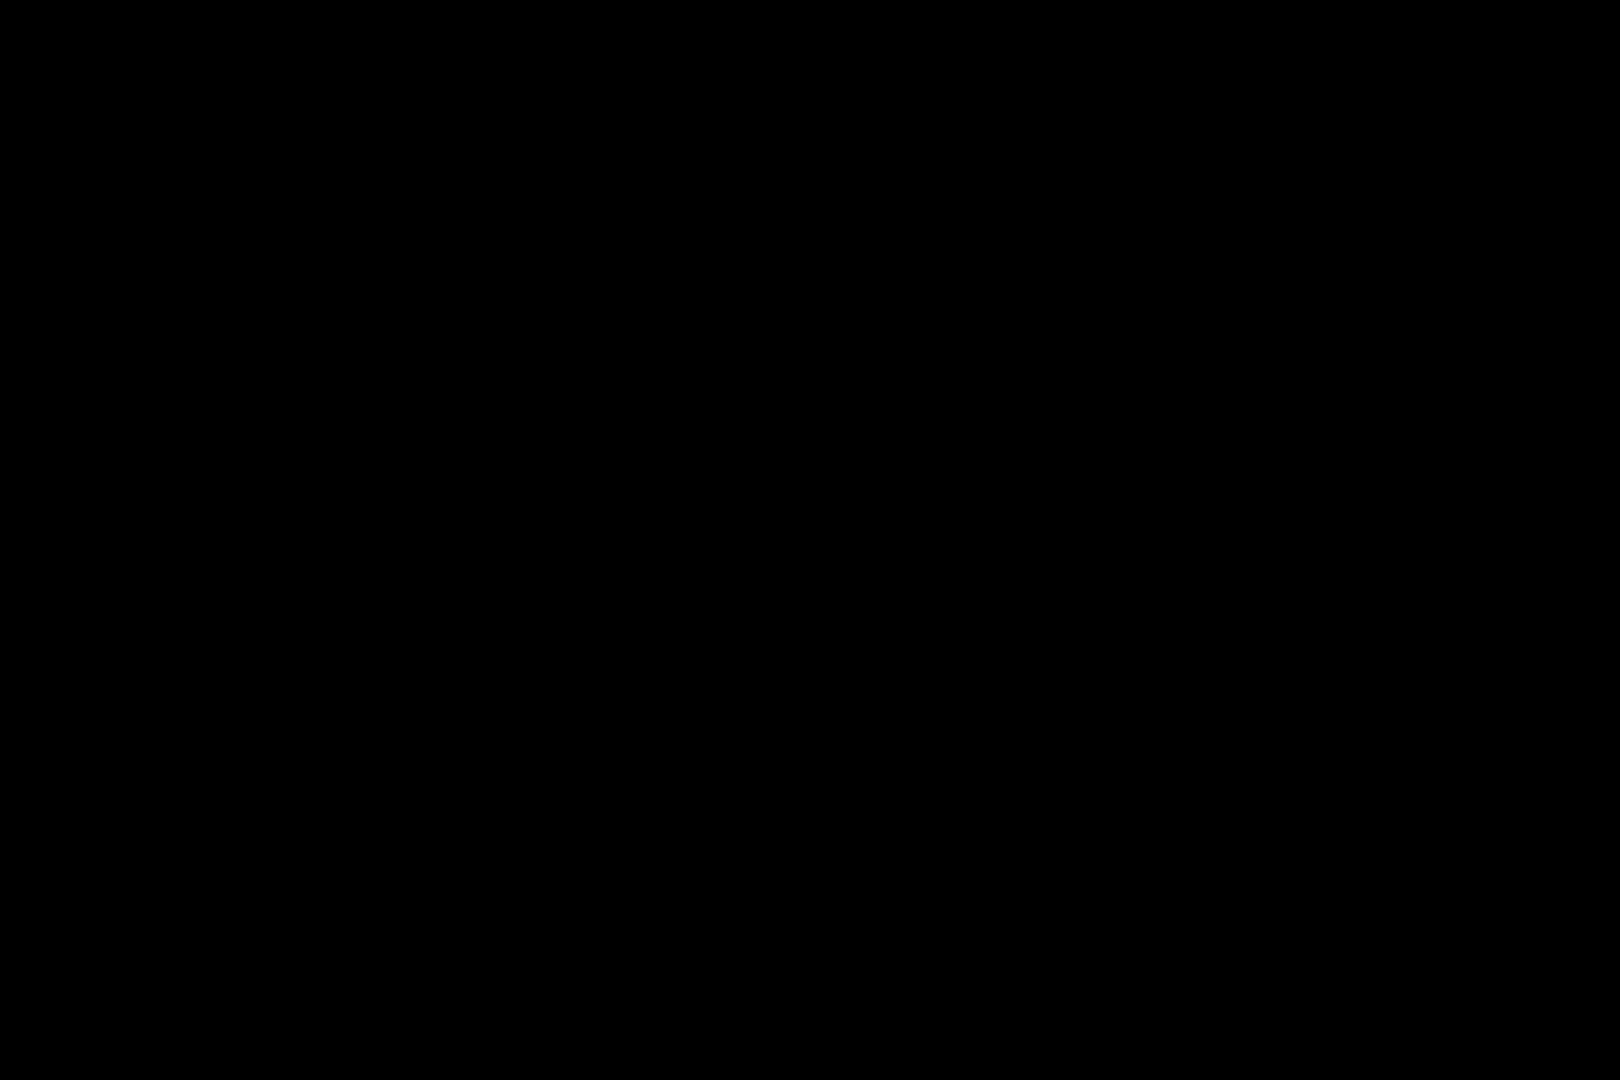 充血監督の深夜の運動会Vol.245 アナル特集   独身エッチOL  21pic 14